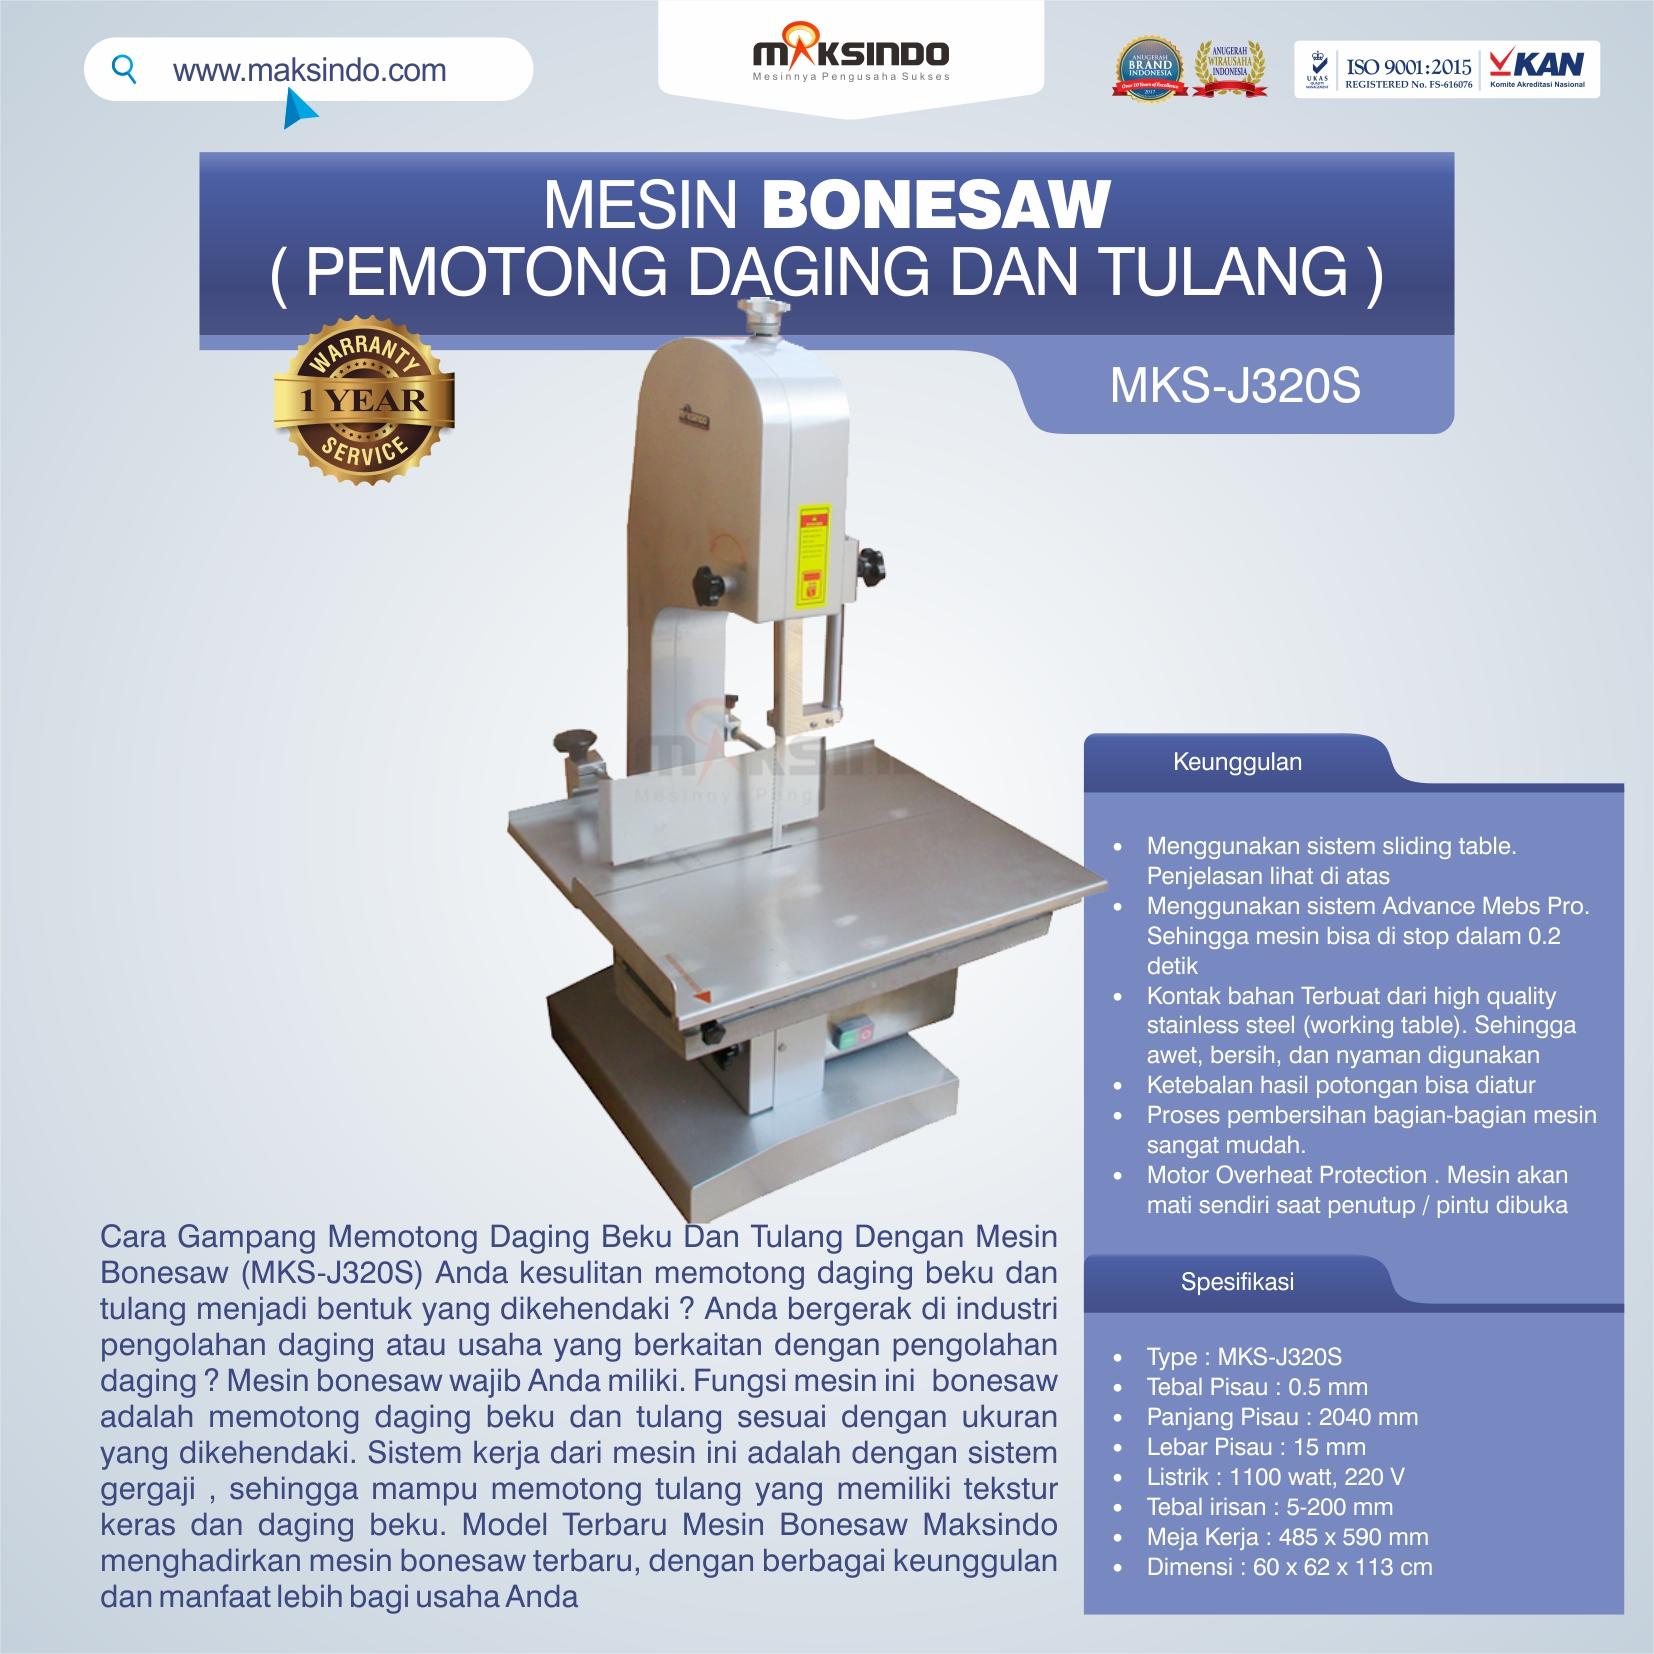 Jual Mesin Bonesaw MKS-J320S (pemotong daging dan tulang) di Palembang